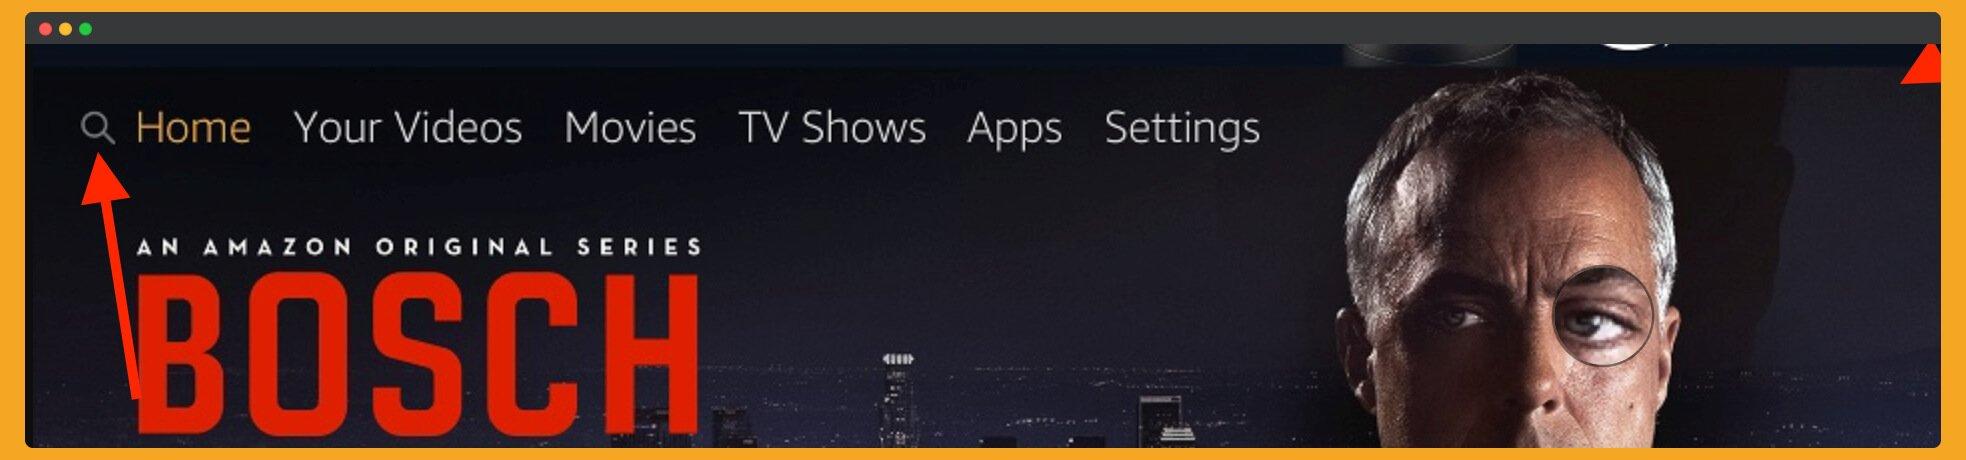 Home-Screen-in-Firestick